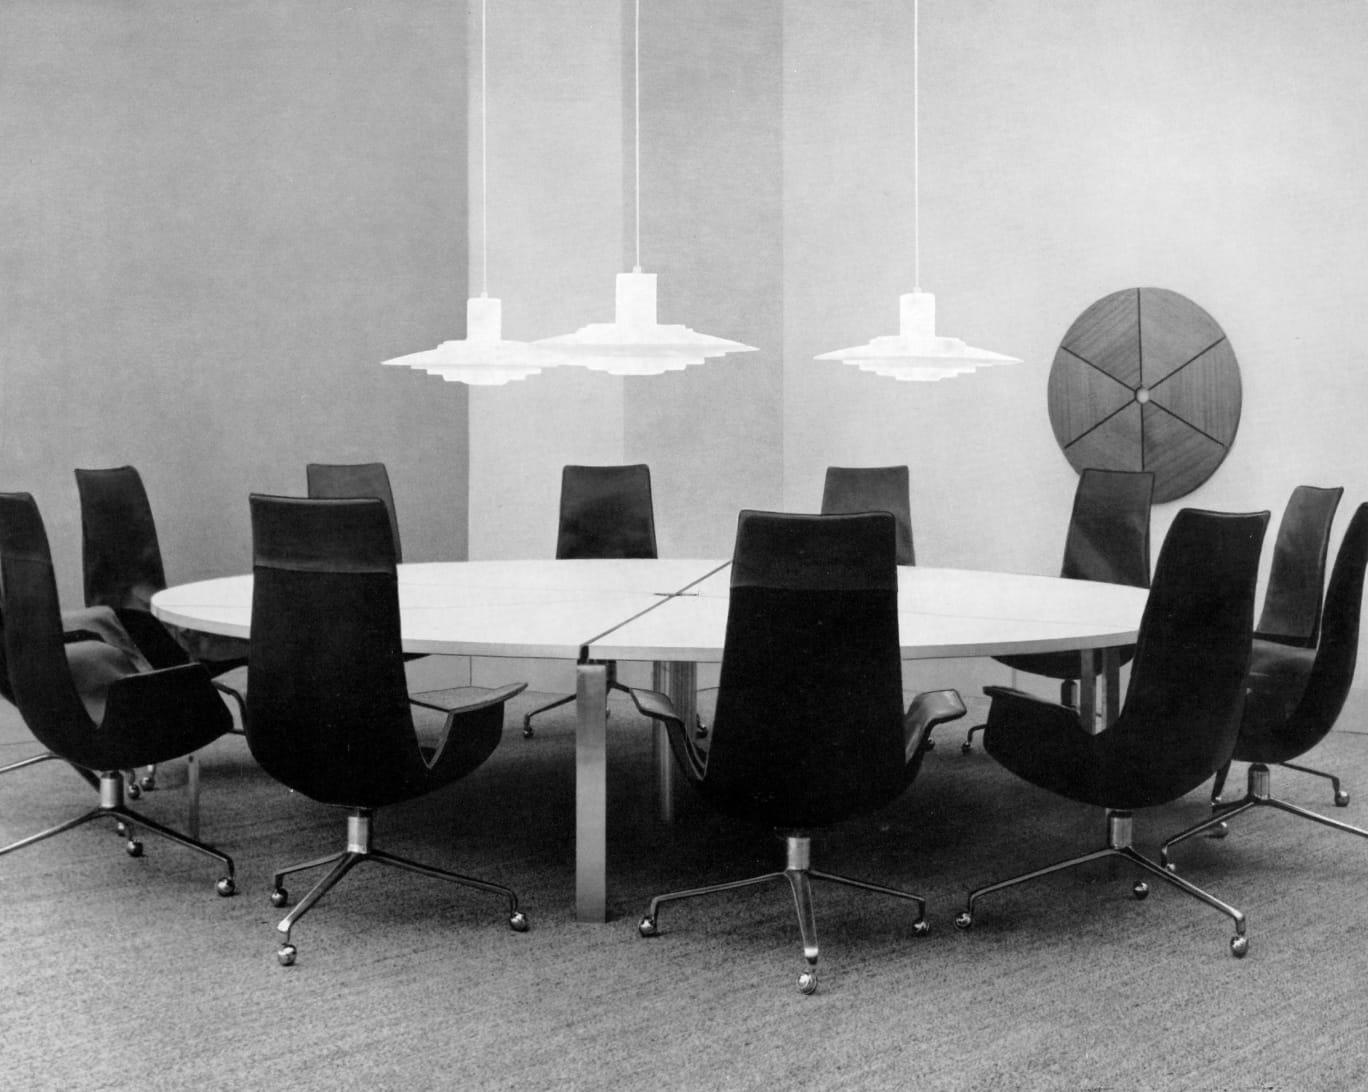 FK als Konferenzstuhl, um 1975